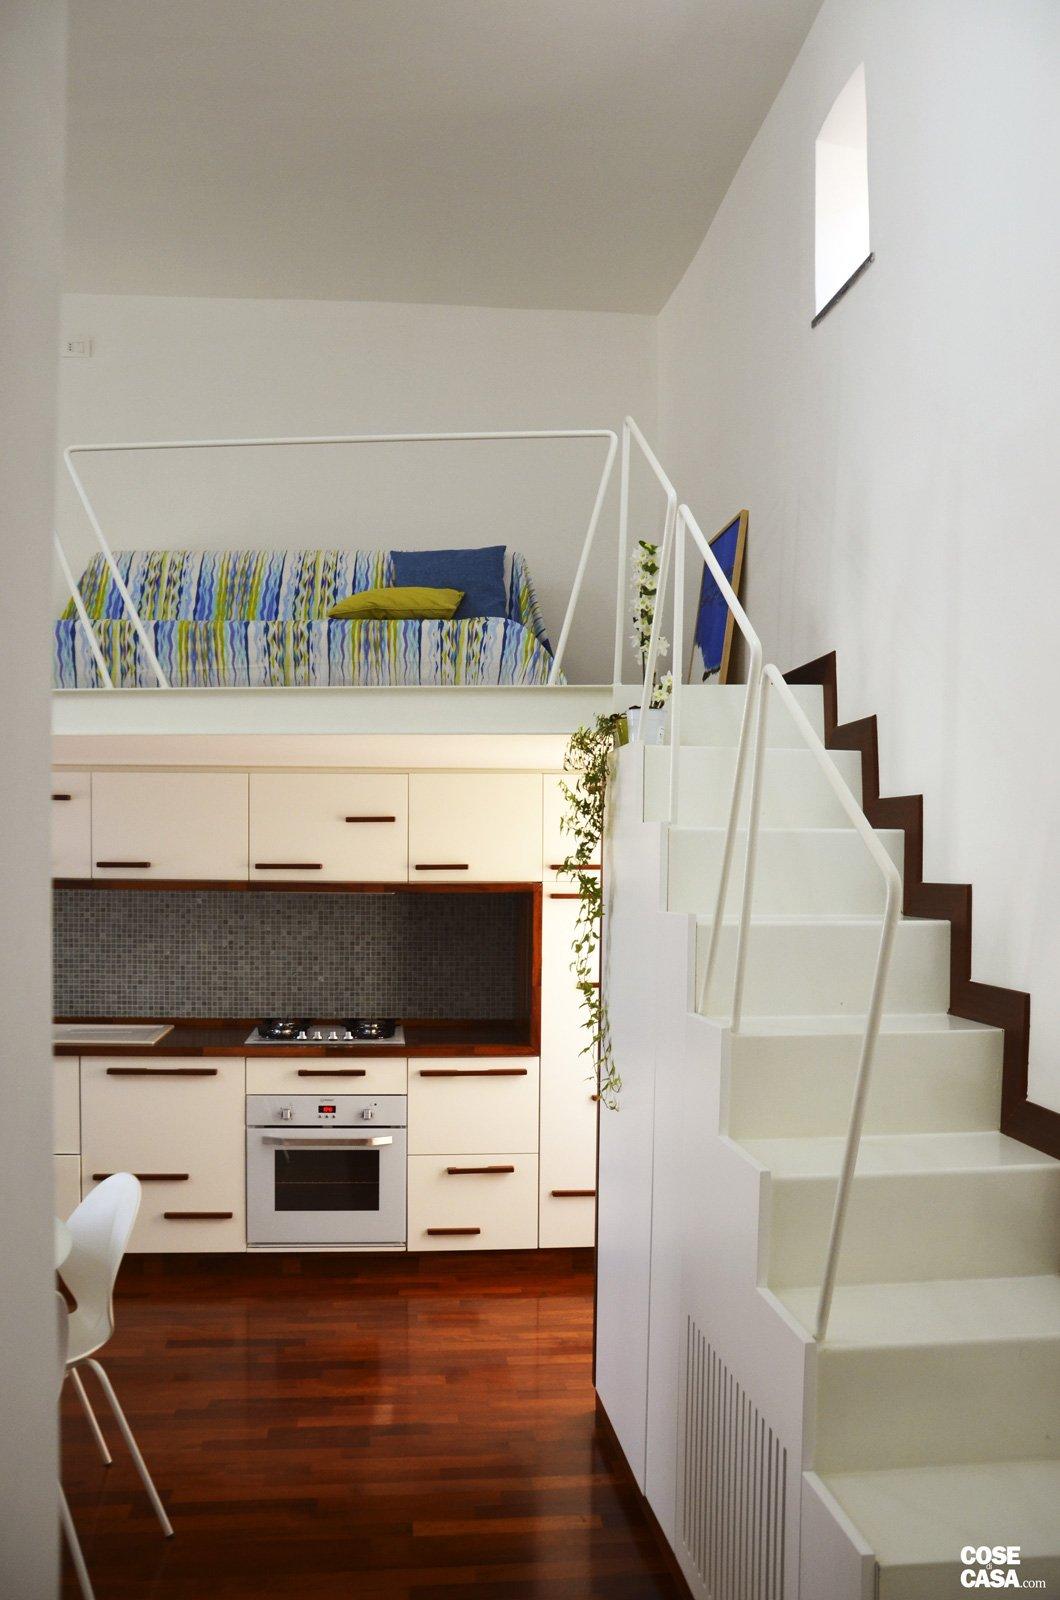 Un mini appartamento di 50 mq che sfrutta l 39 altezza dei for Registrare i piani di casa con soppalco